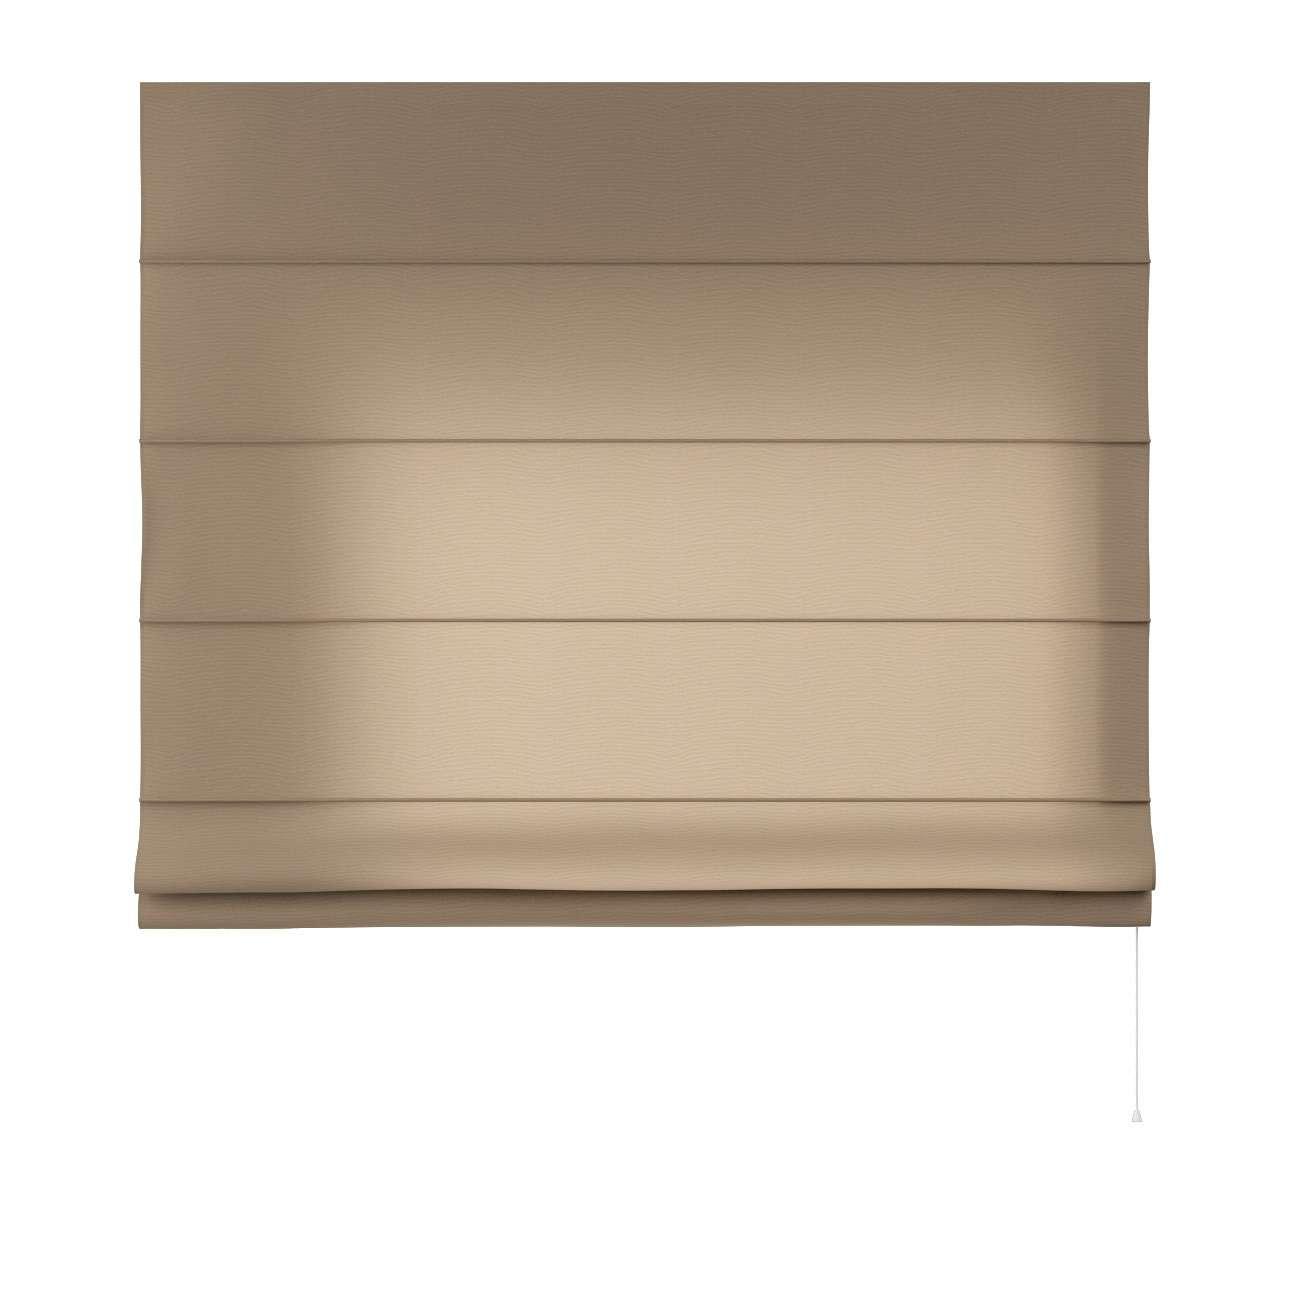 Raffrollo Capri 80 x 170 cm von der Kollektion Quadro, Stoff: 136-09